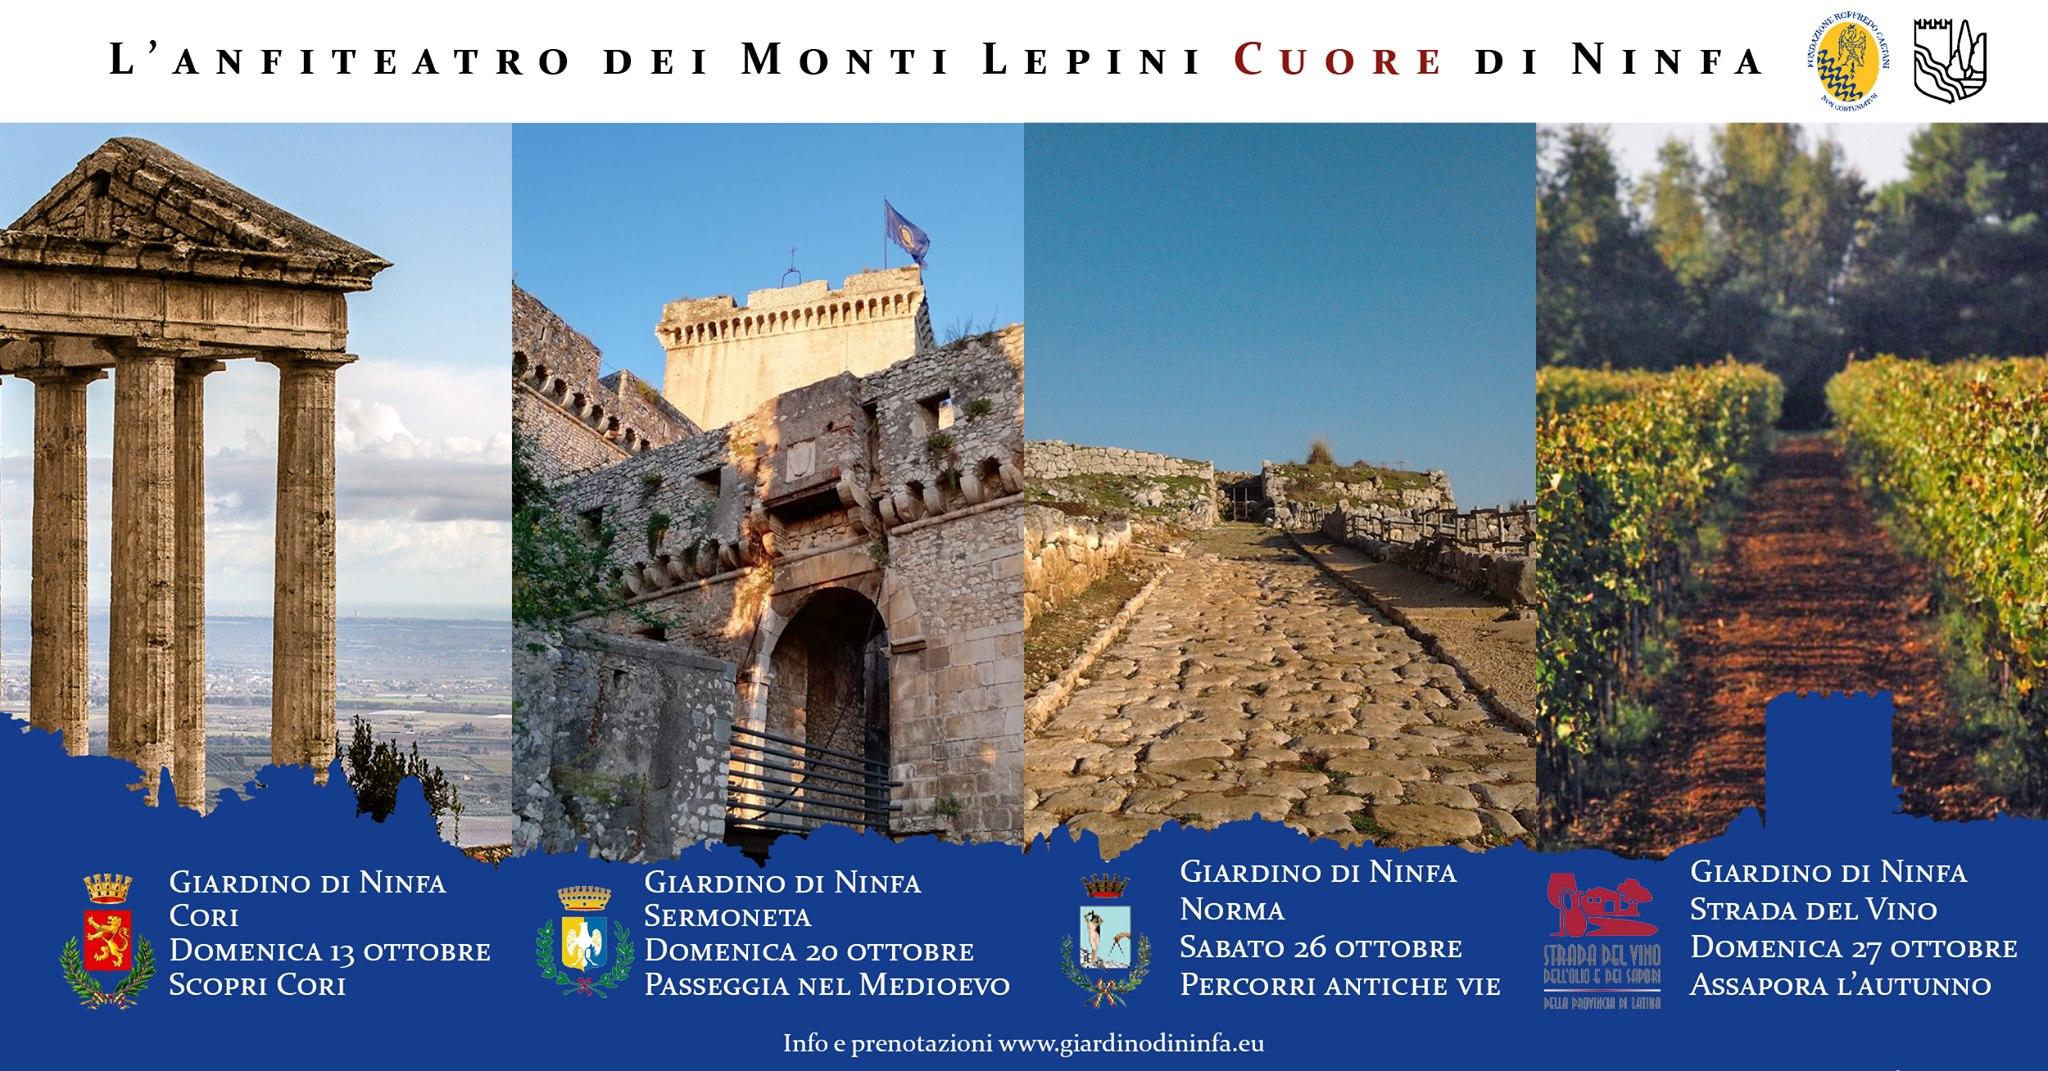 L'Anfiteatro dei Monti Lepini Cuore di Ninfa @ Giardino di Ninfa | Cisterna di Latina | Lazio | Italia